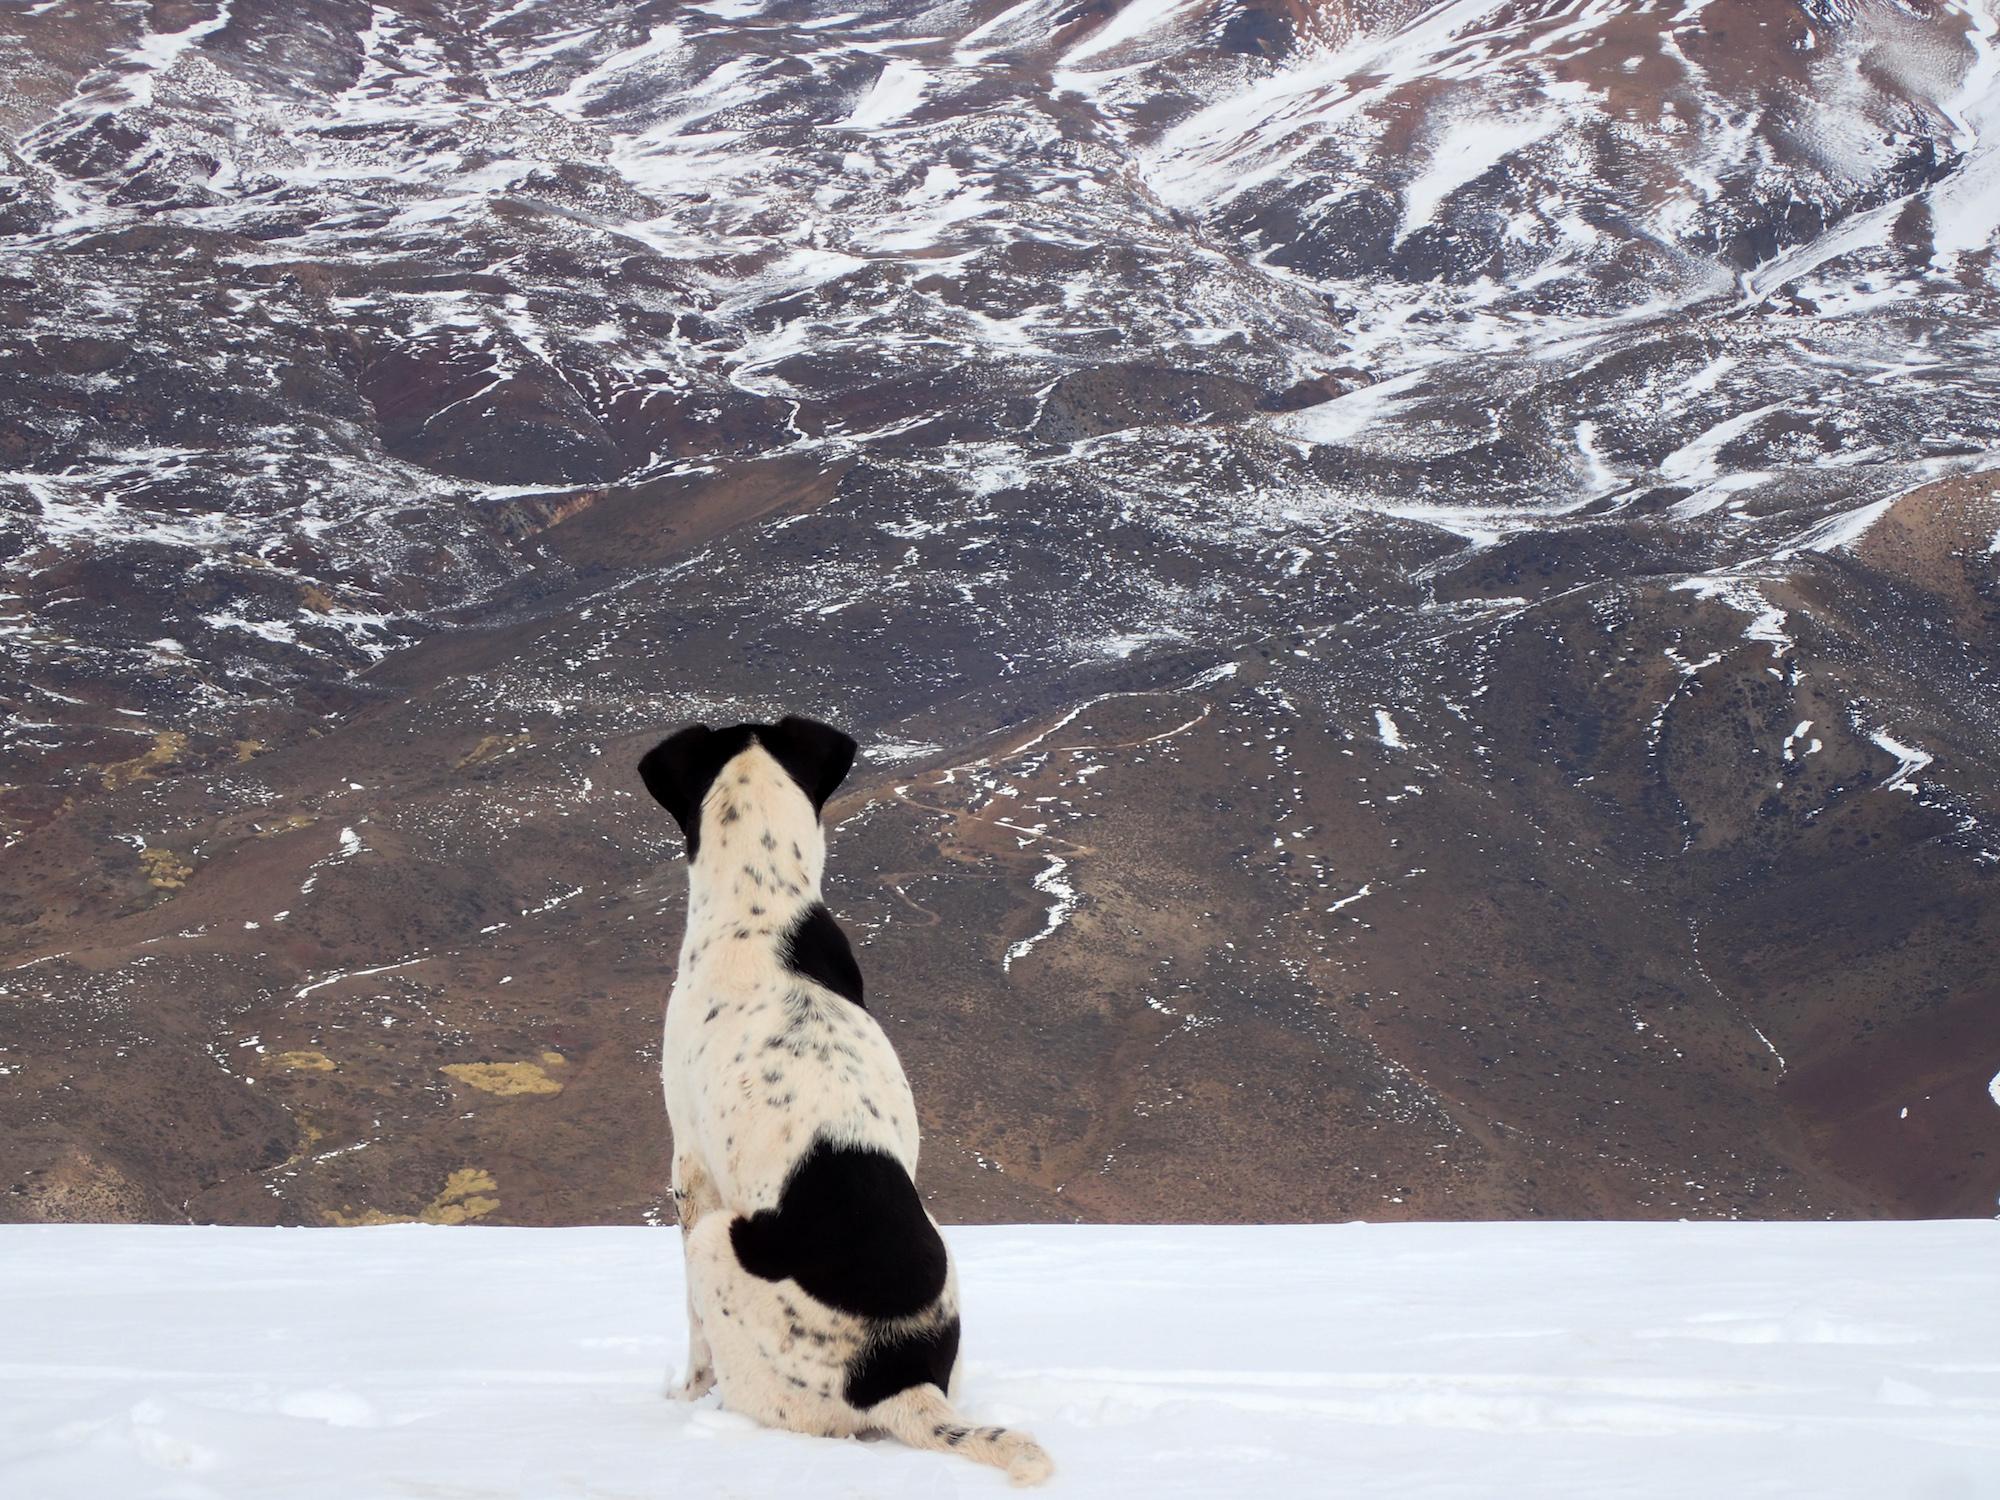 Le chien contemple la vallée du haut de la montagne